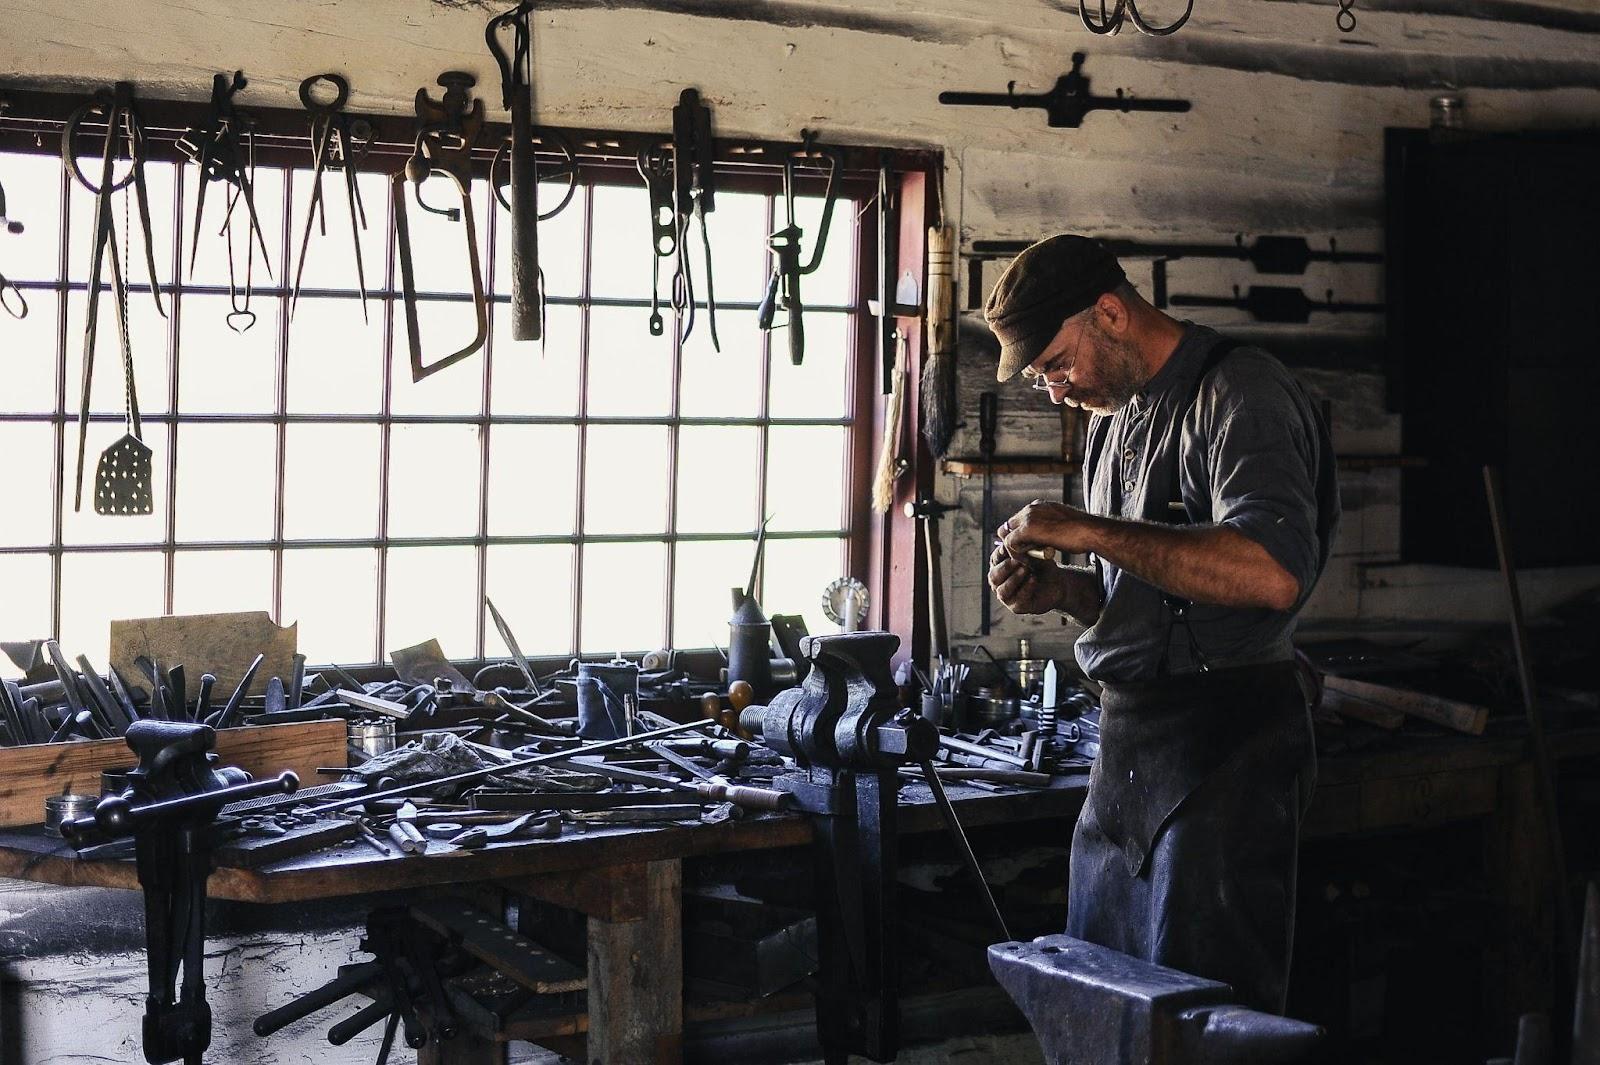 tradesman working